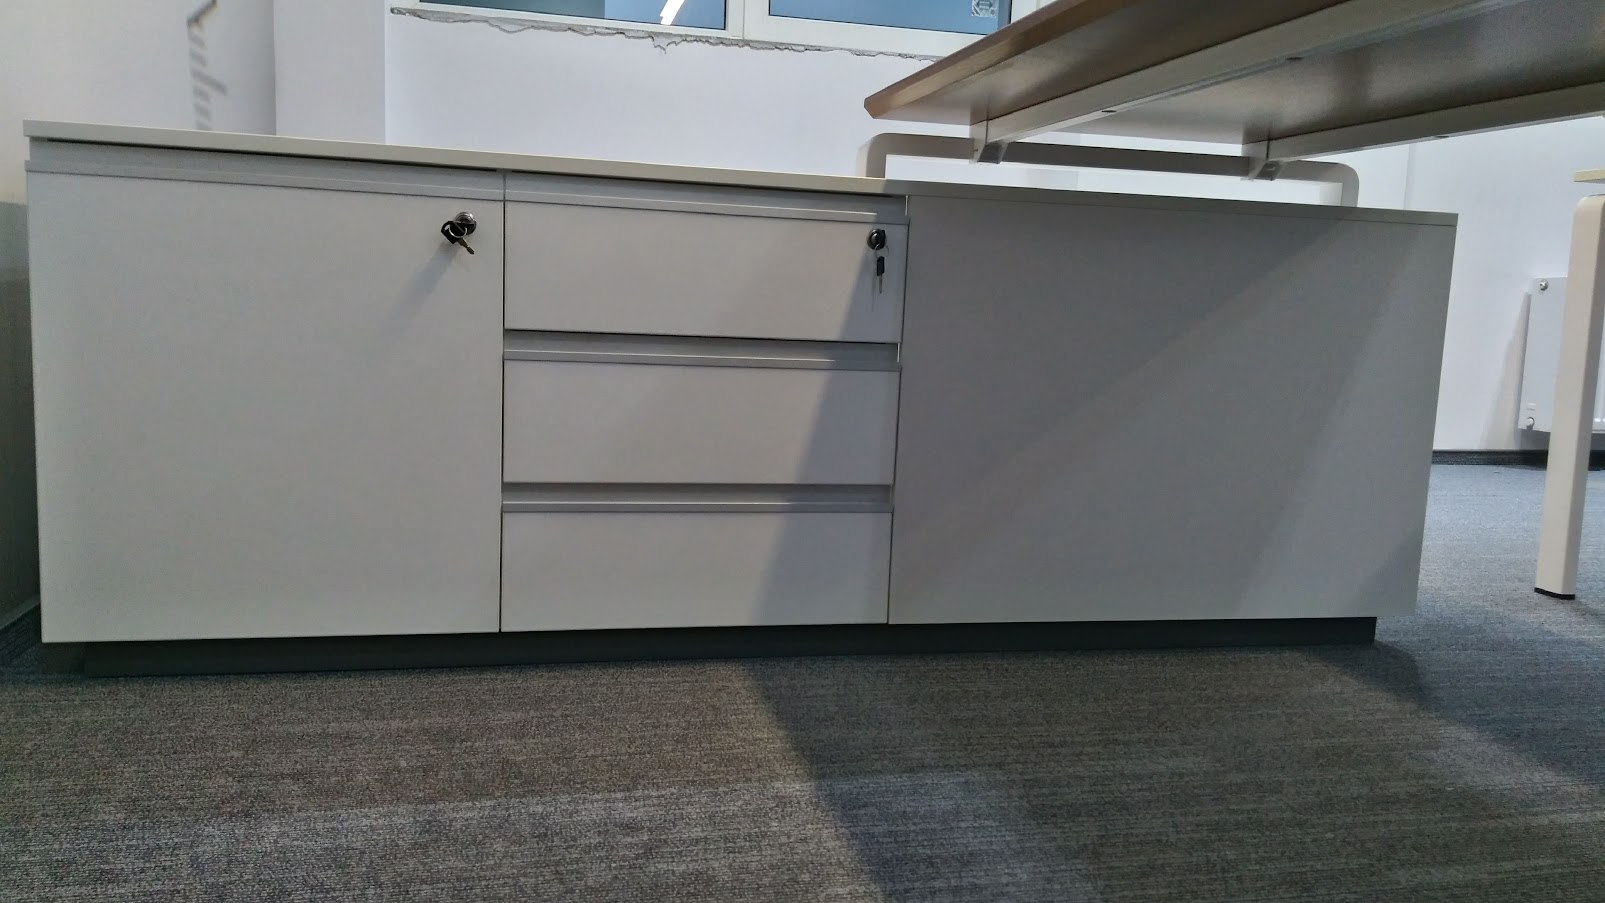 Тумба для стола руководителя - Модульная офисная мебель, Металлические каркасы столов, Мебельные опоры ✆ 0679245444